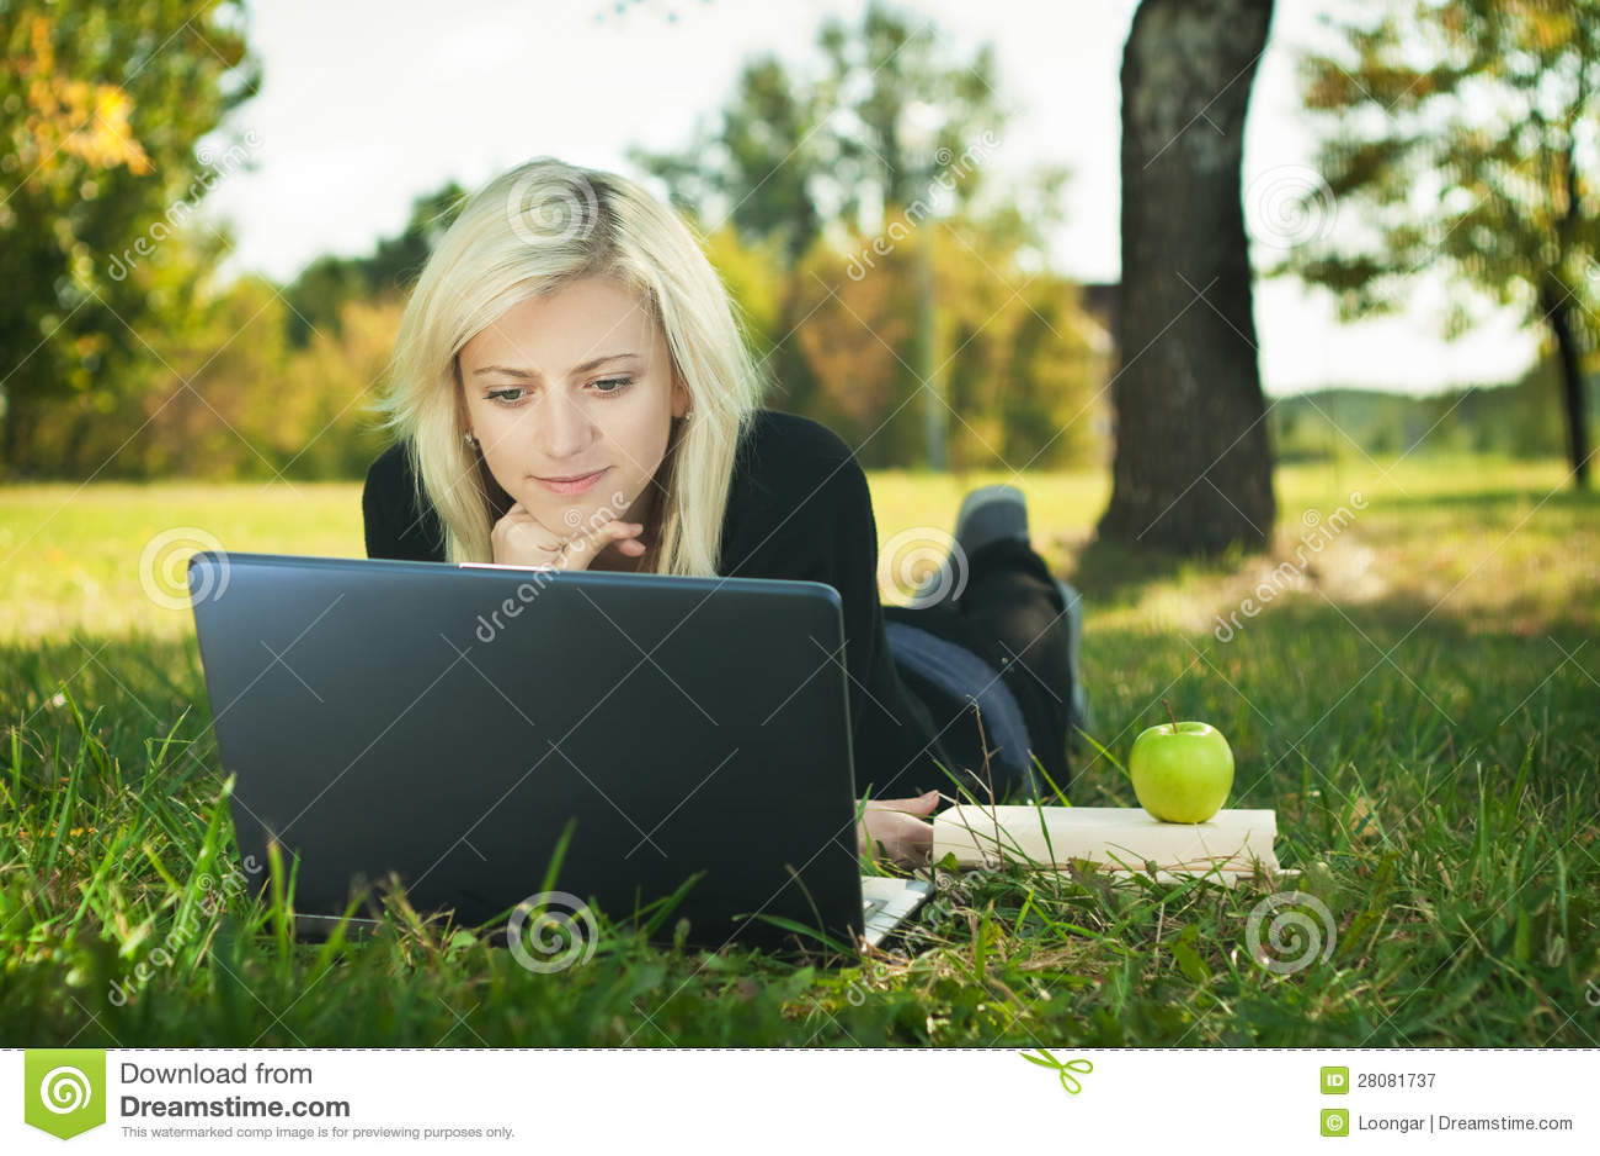 Студентка в парке 2 фотография